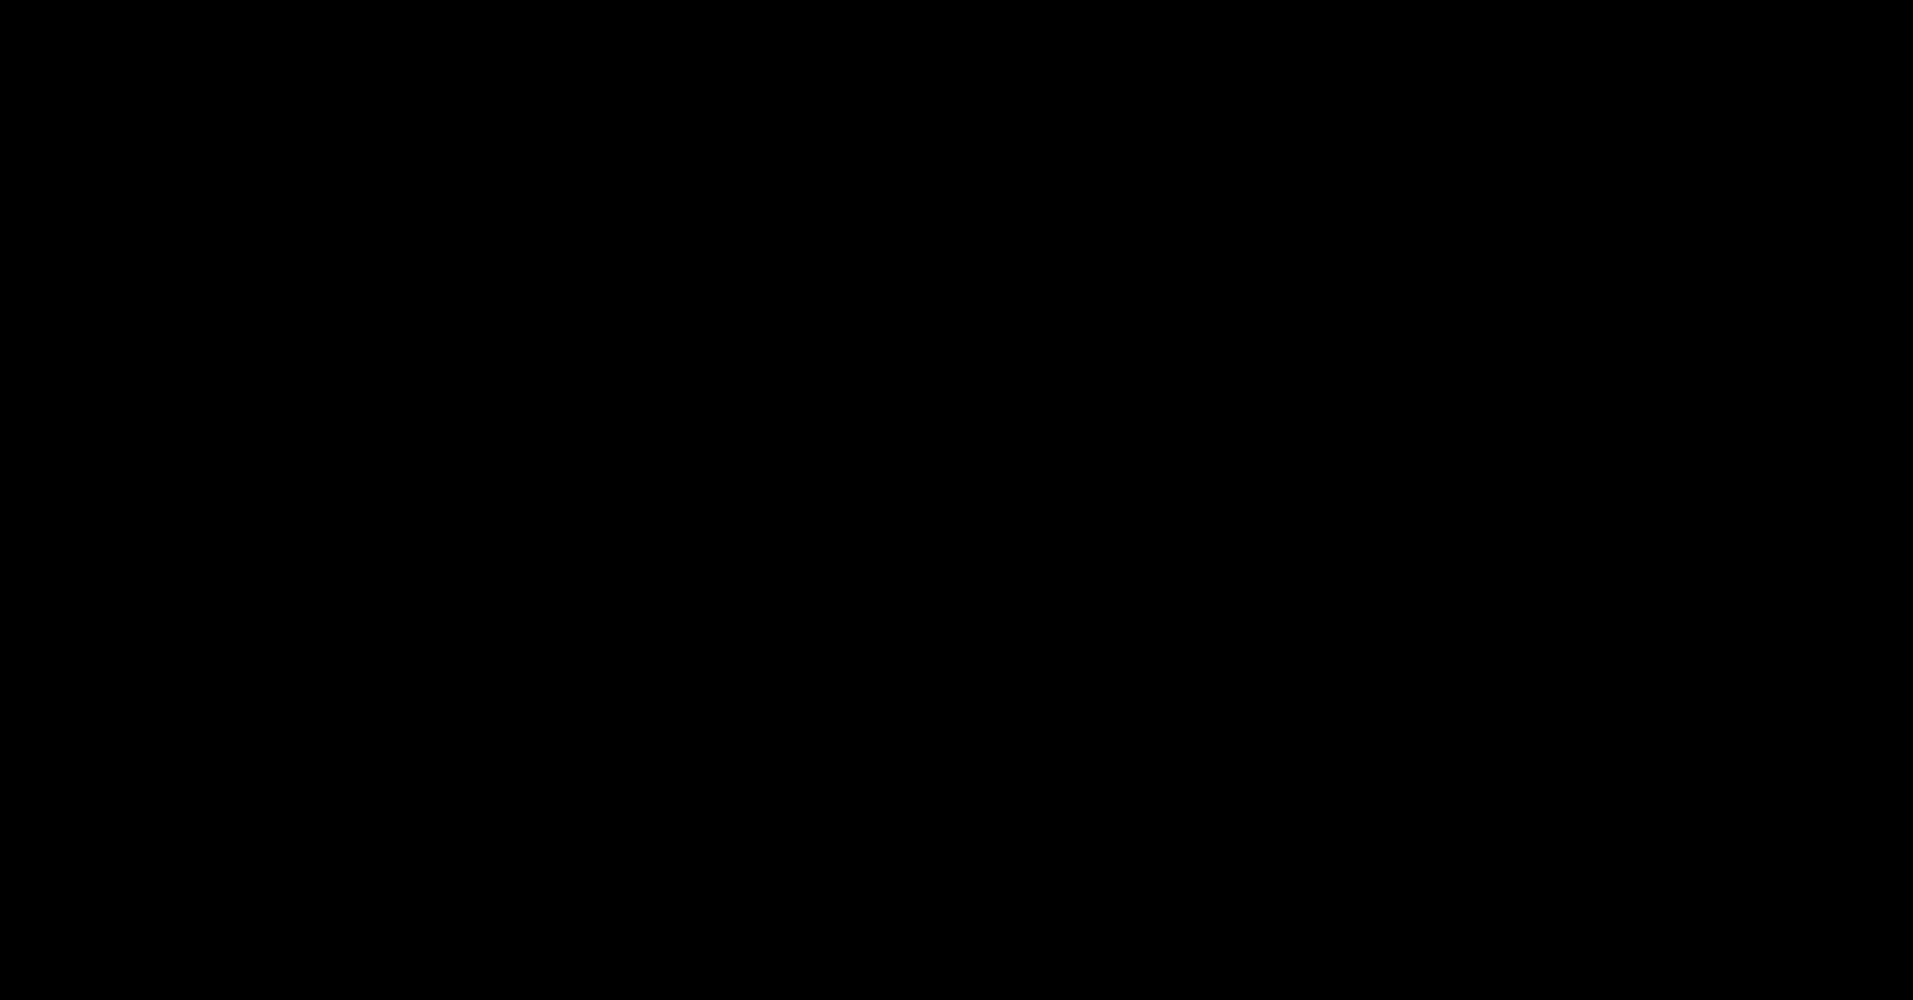 Placa Cimentícia NTF 8MM (1,20 x 2,40M)